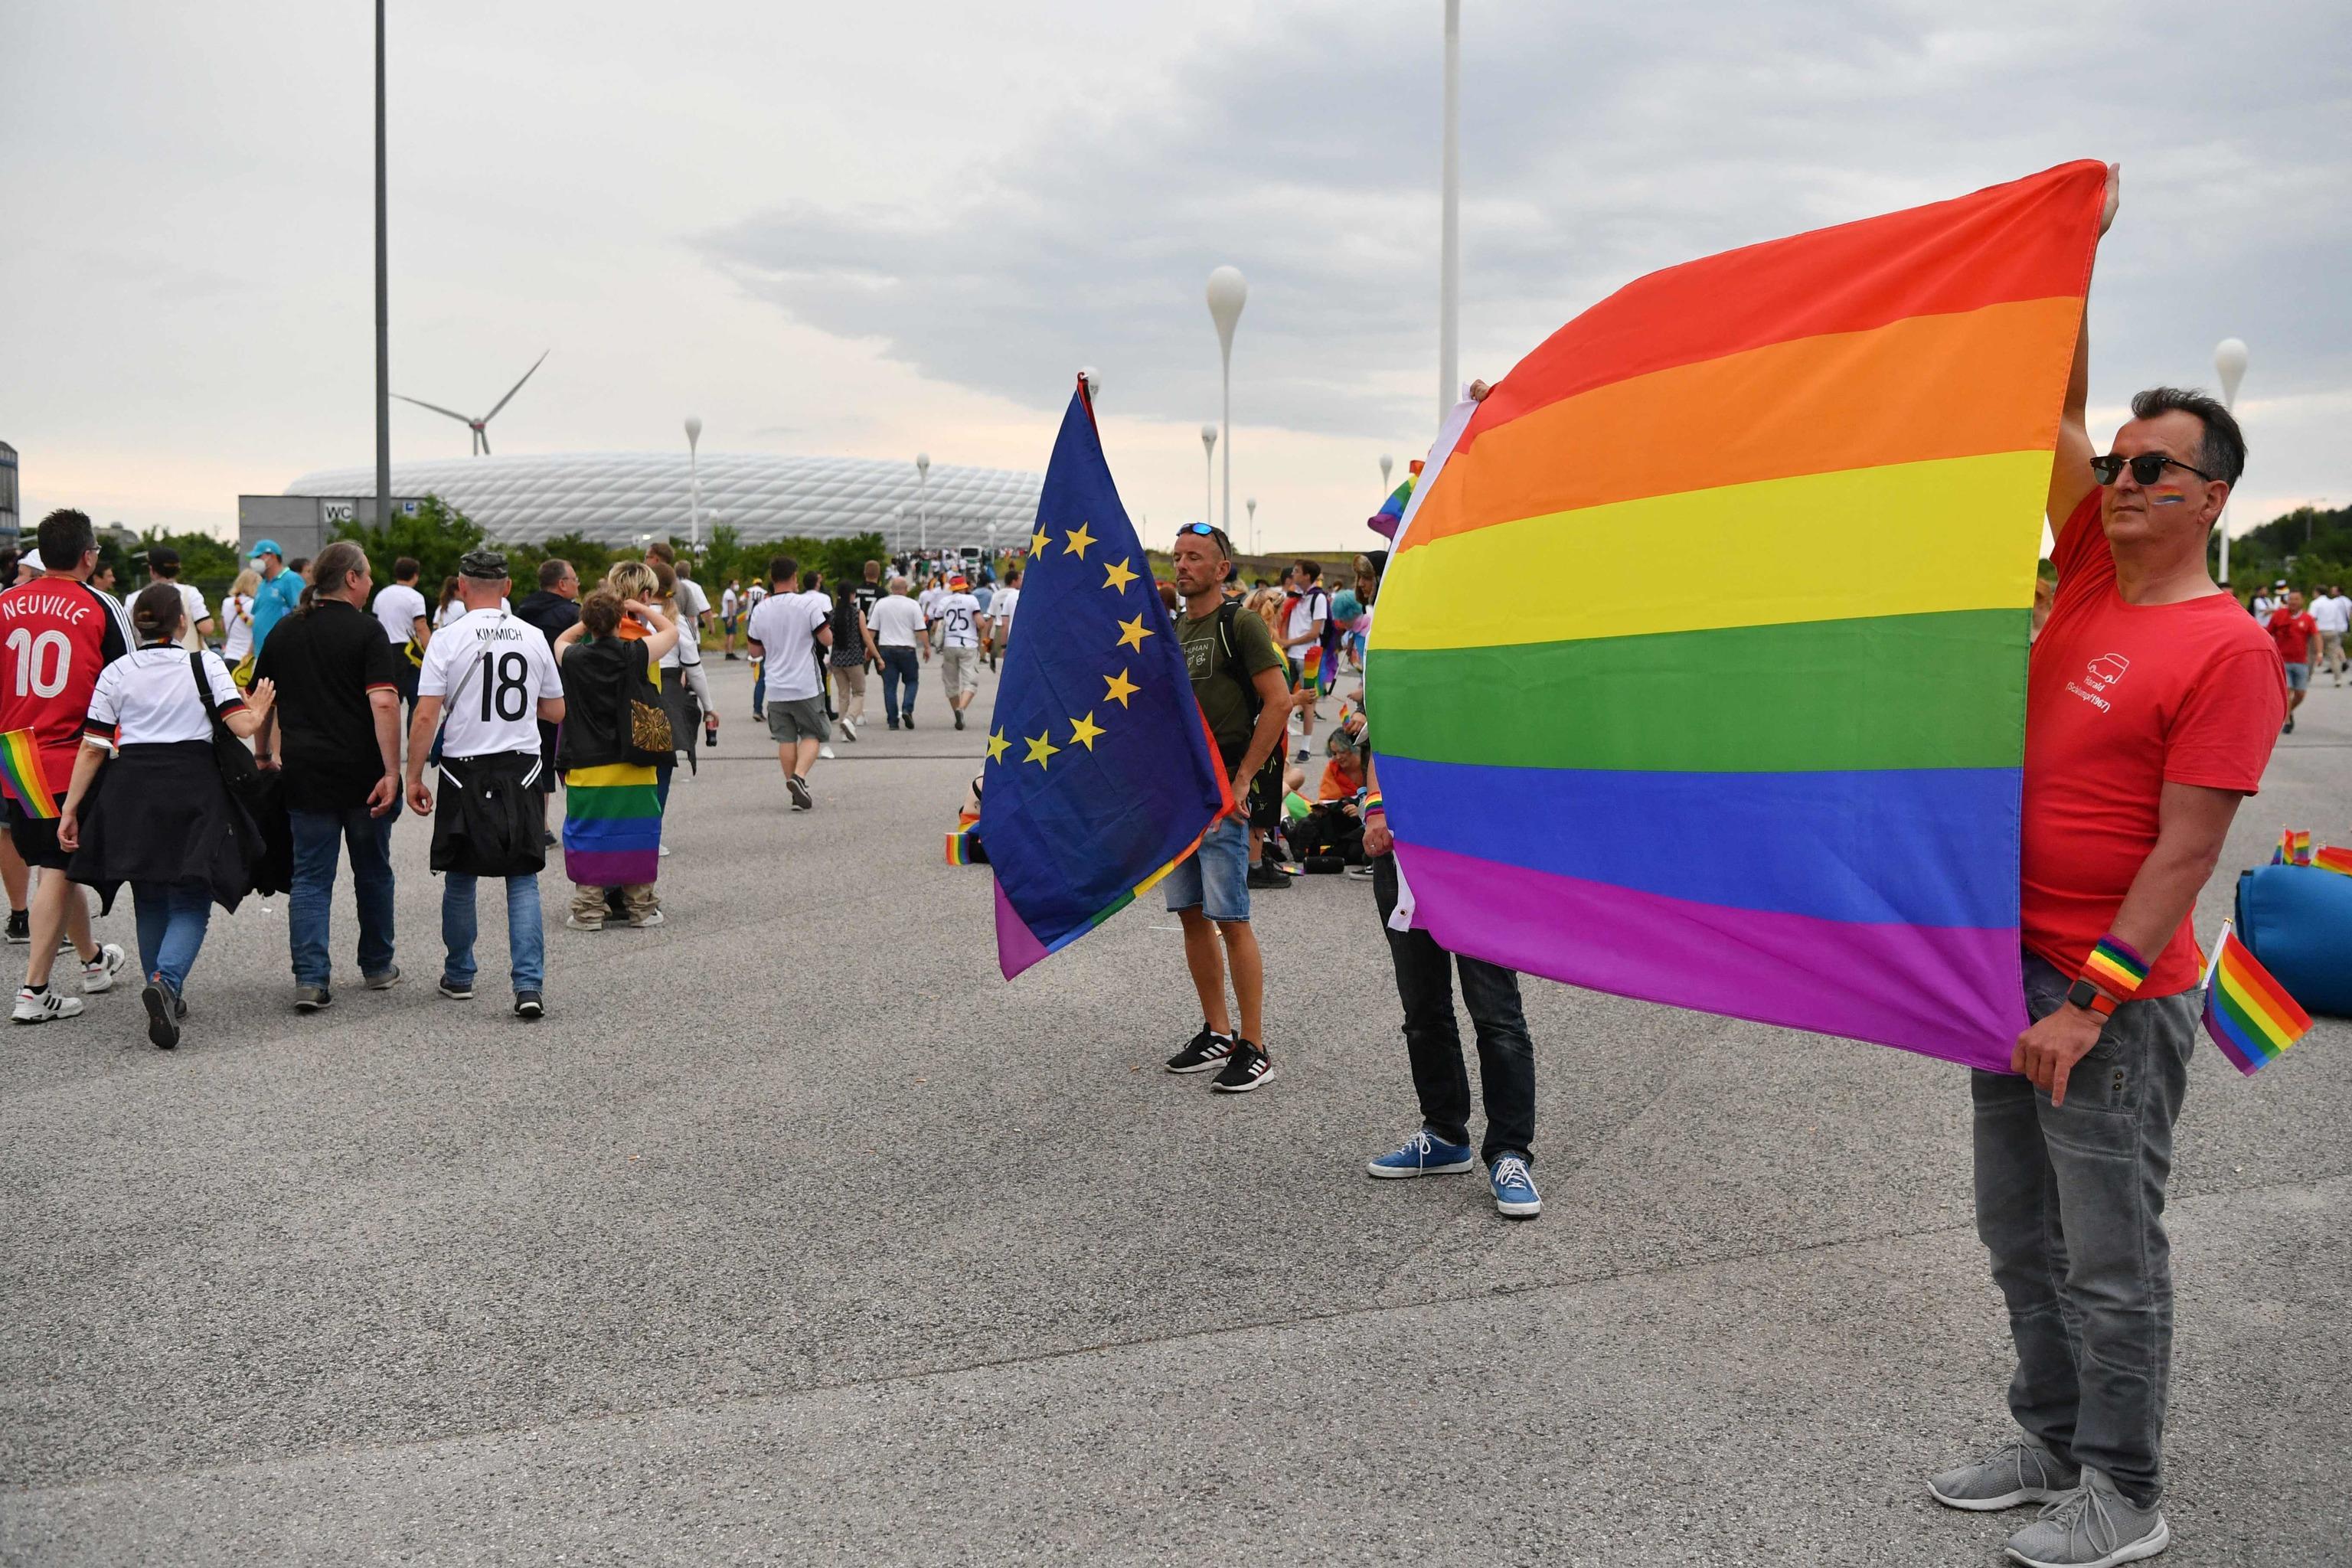 Banderas arcoíris en Múnich, en protesta por la ley húngara.